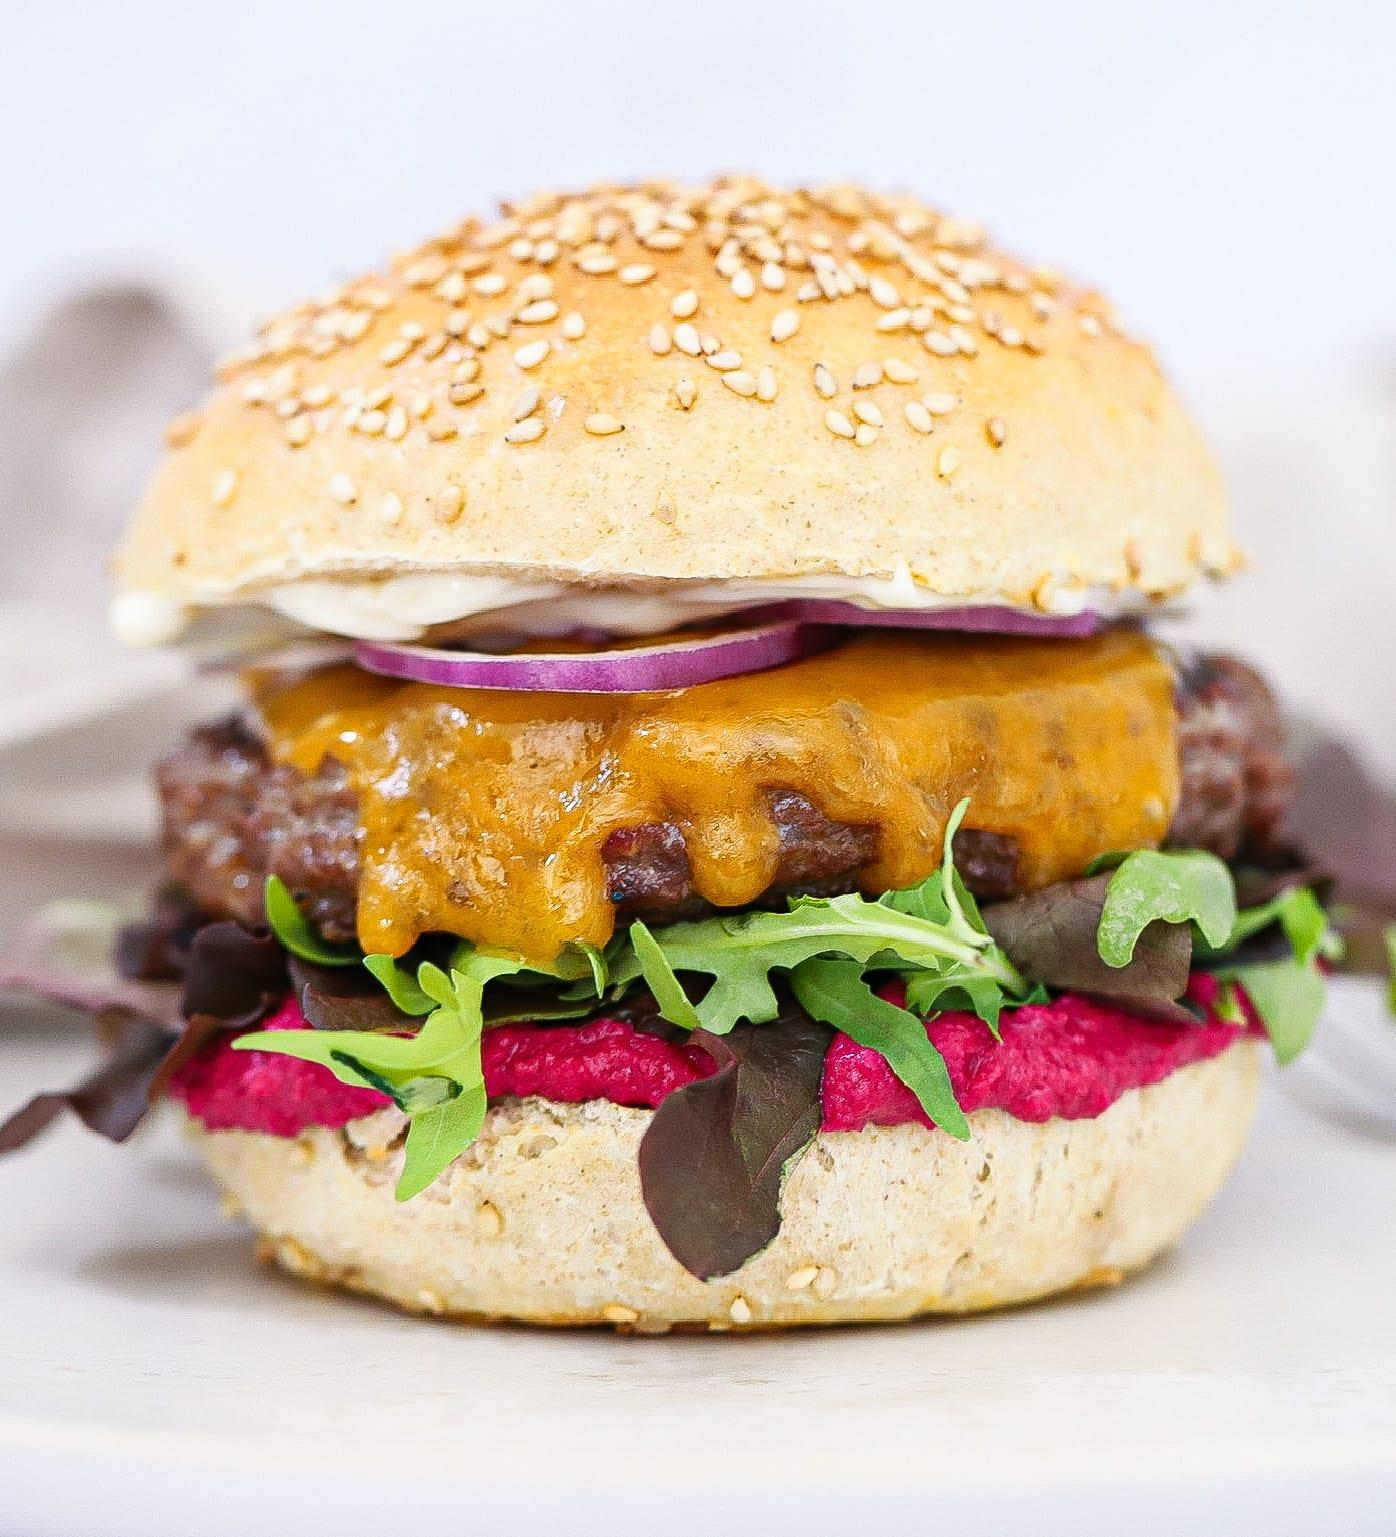 Lammeburger - Opskrift på lammeburger med rødbedehummus